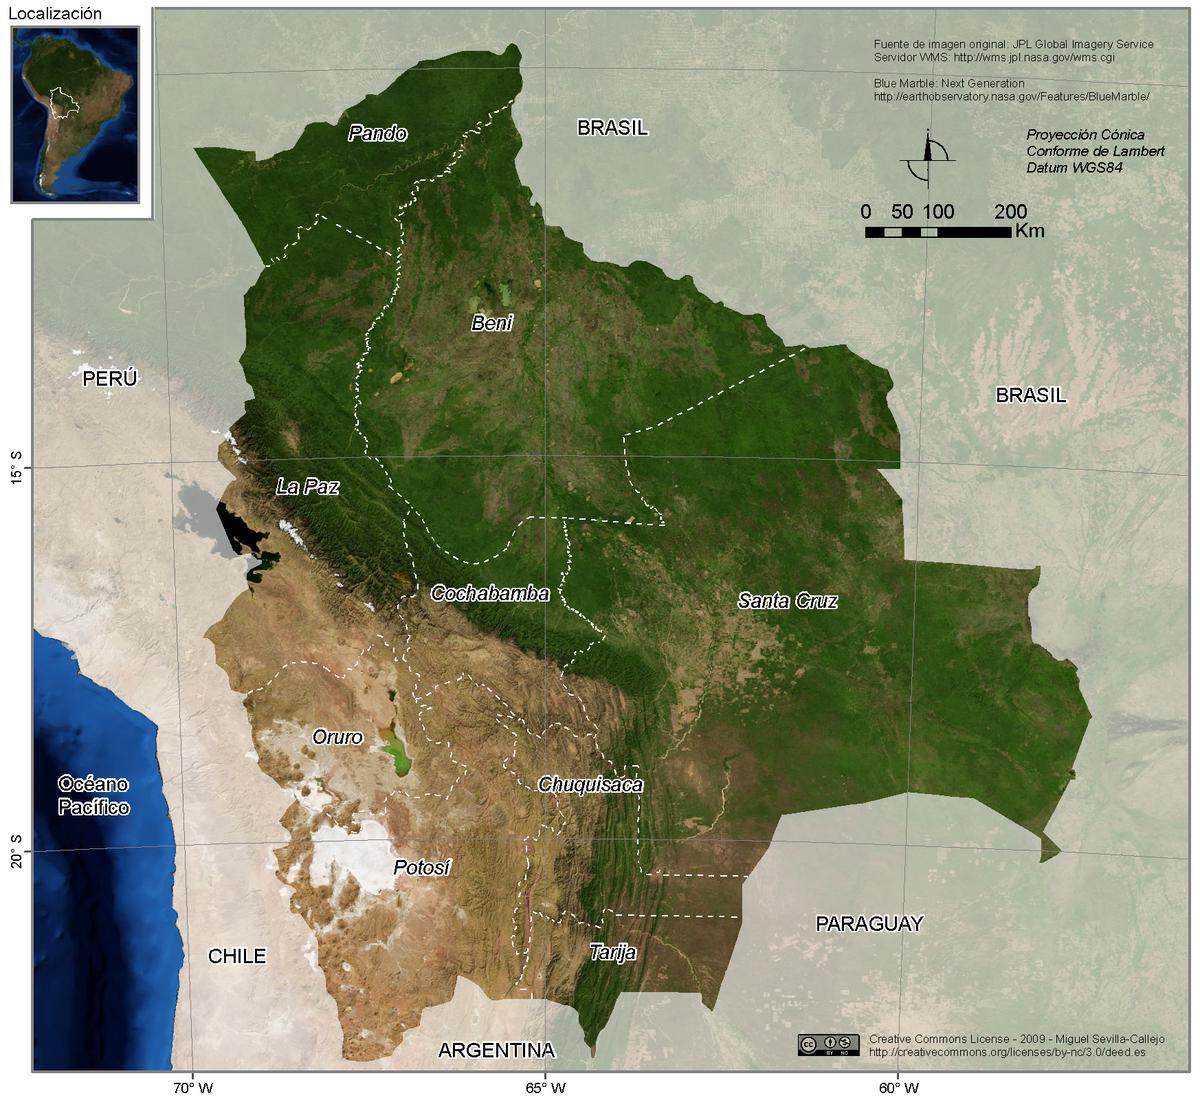 Geografía de Bolivia - Wikipedia, la enciclopedia libre